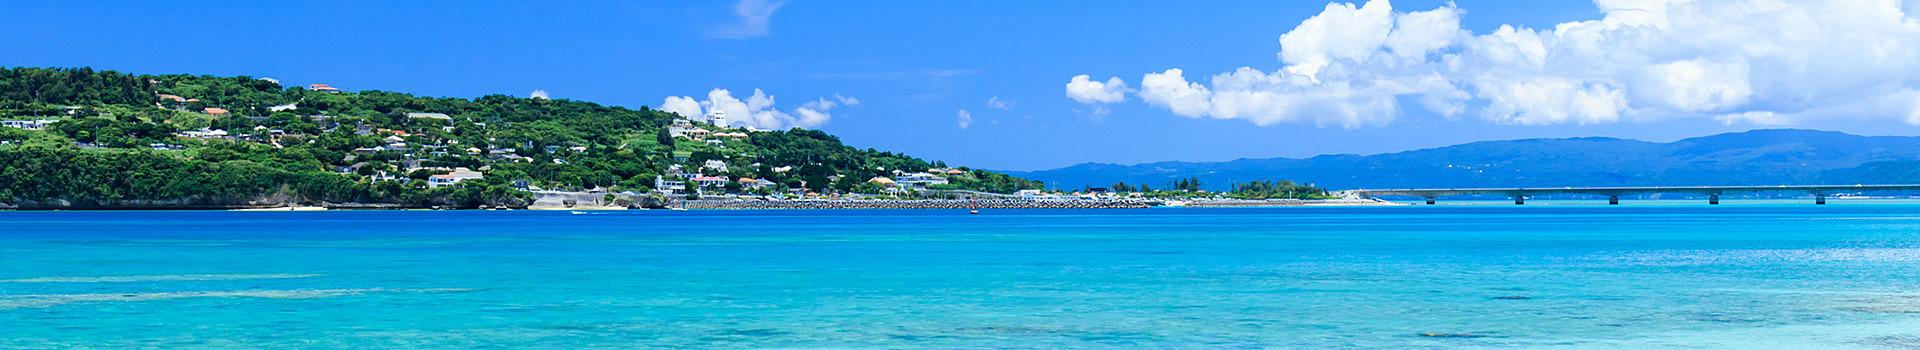 沖縄古宇利島で宿泊なら古宇利島ロテルズ 貸別荘コテージ